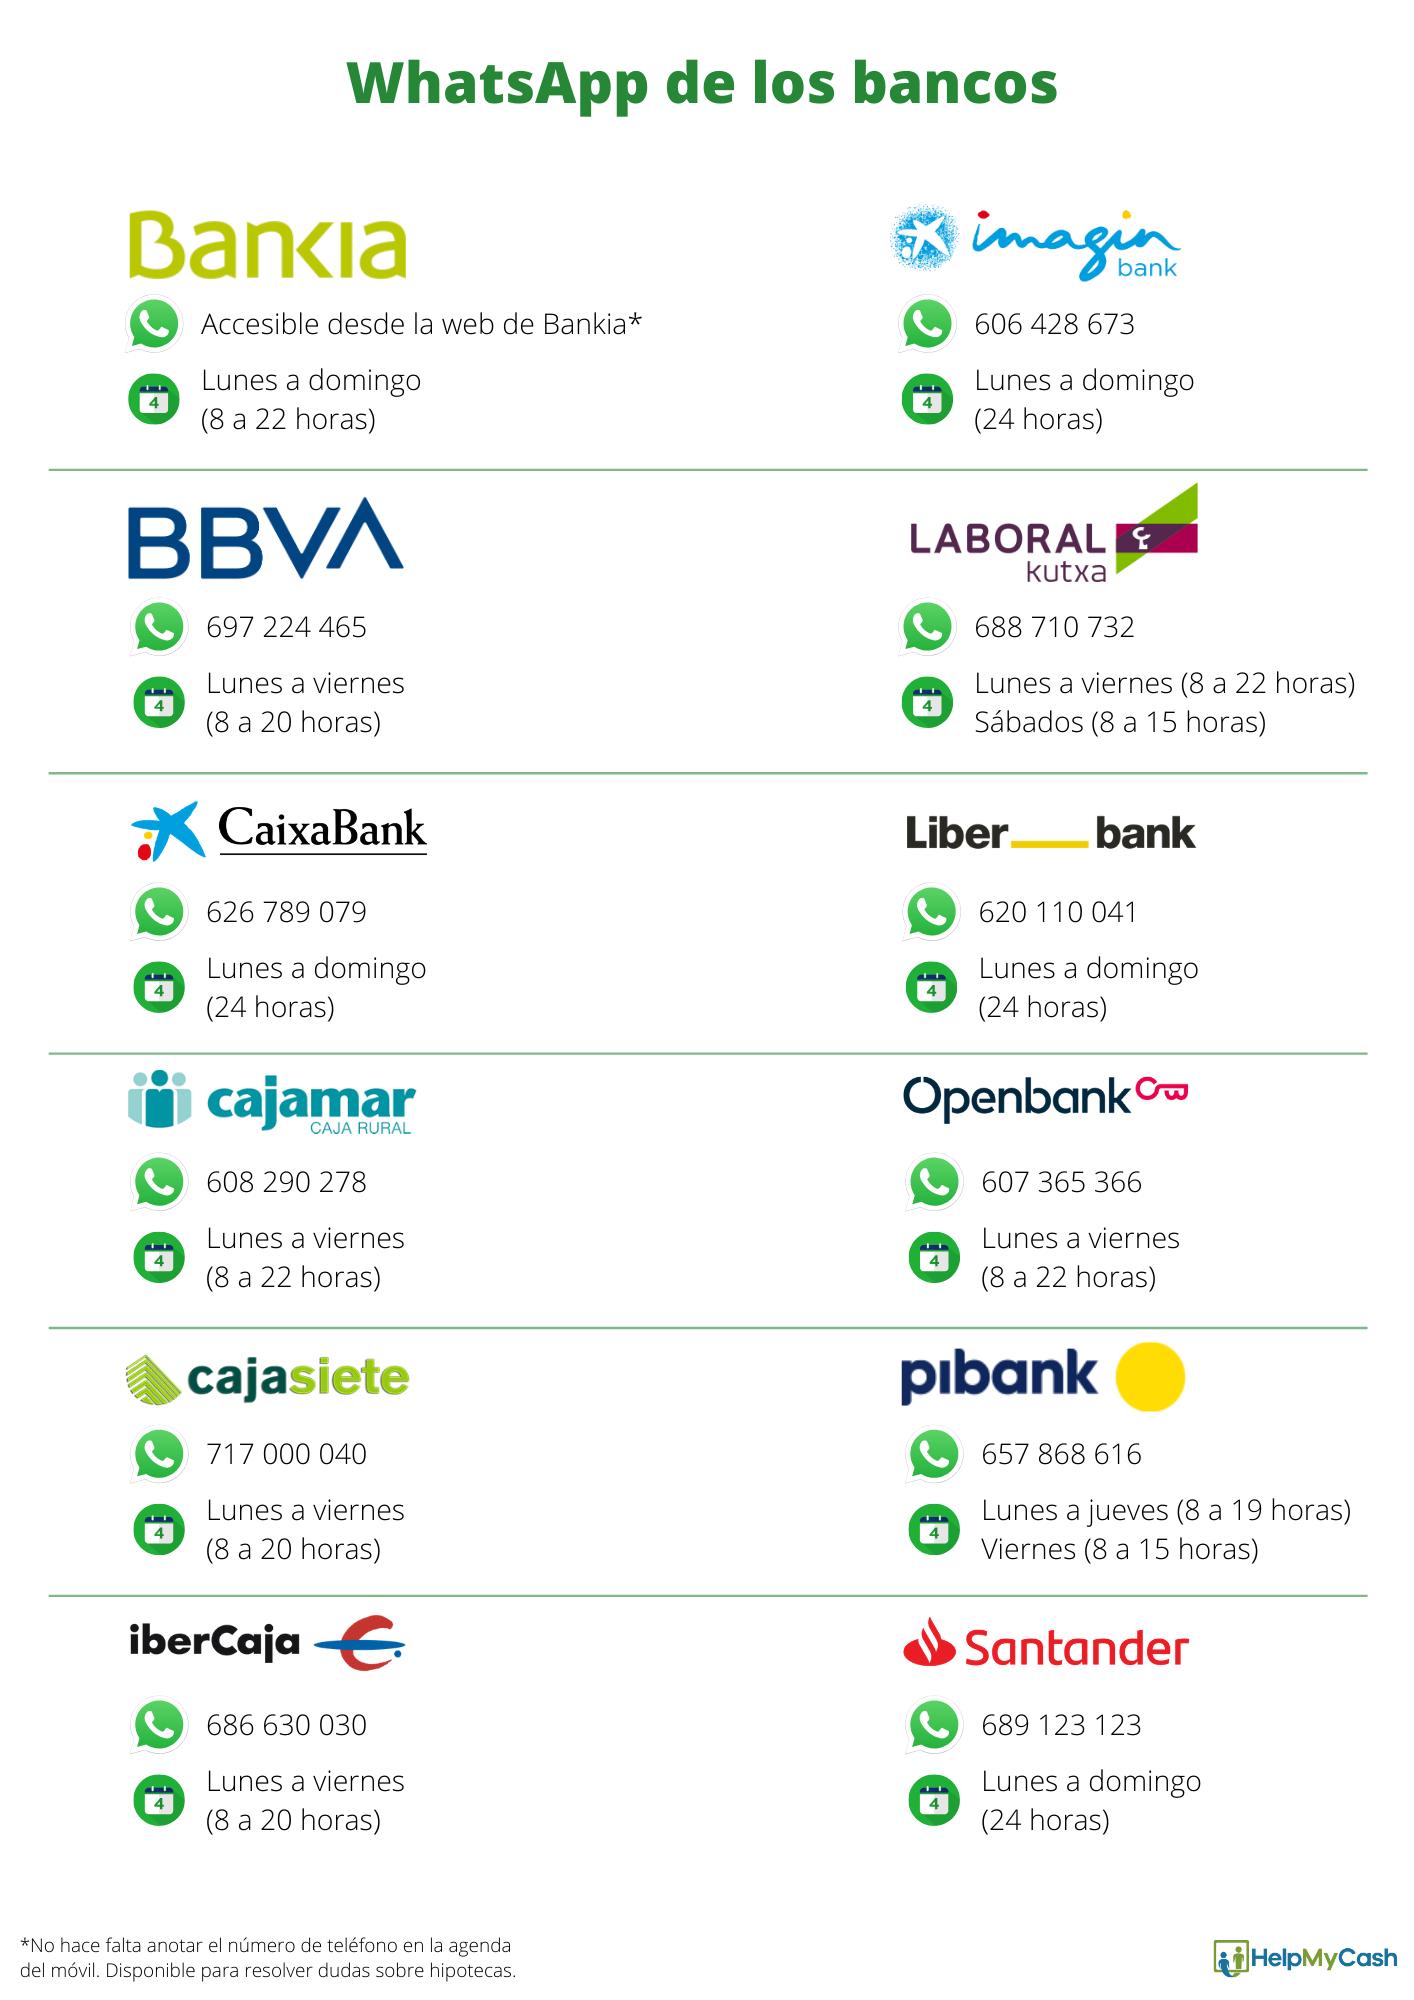 whatsapp bancos